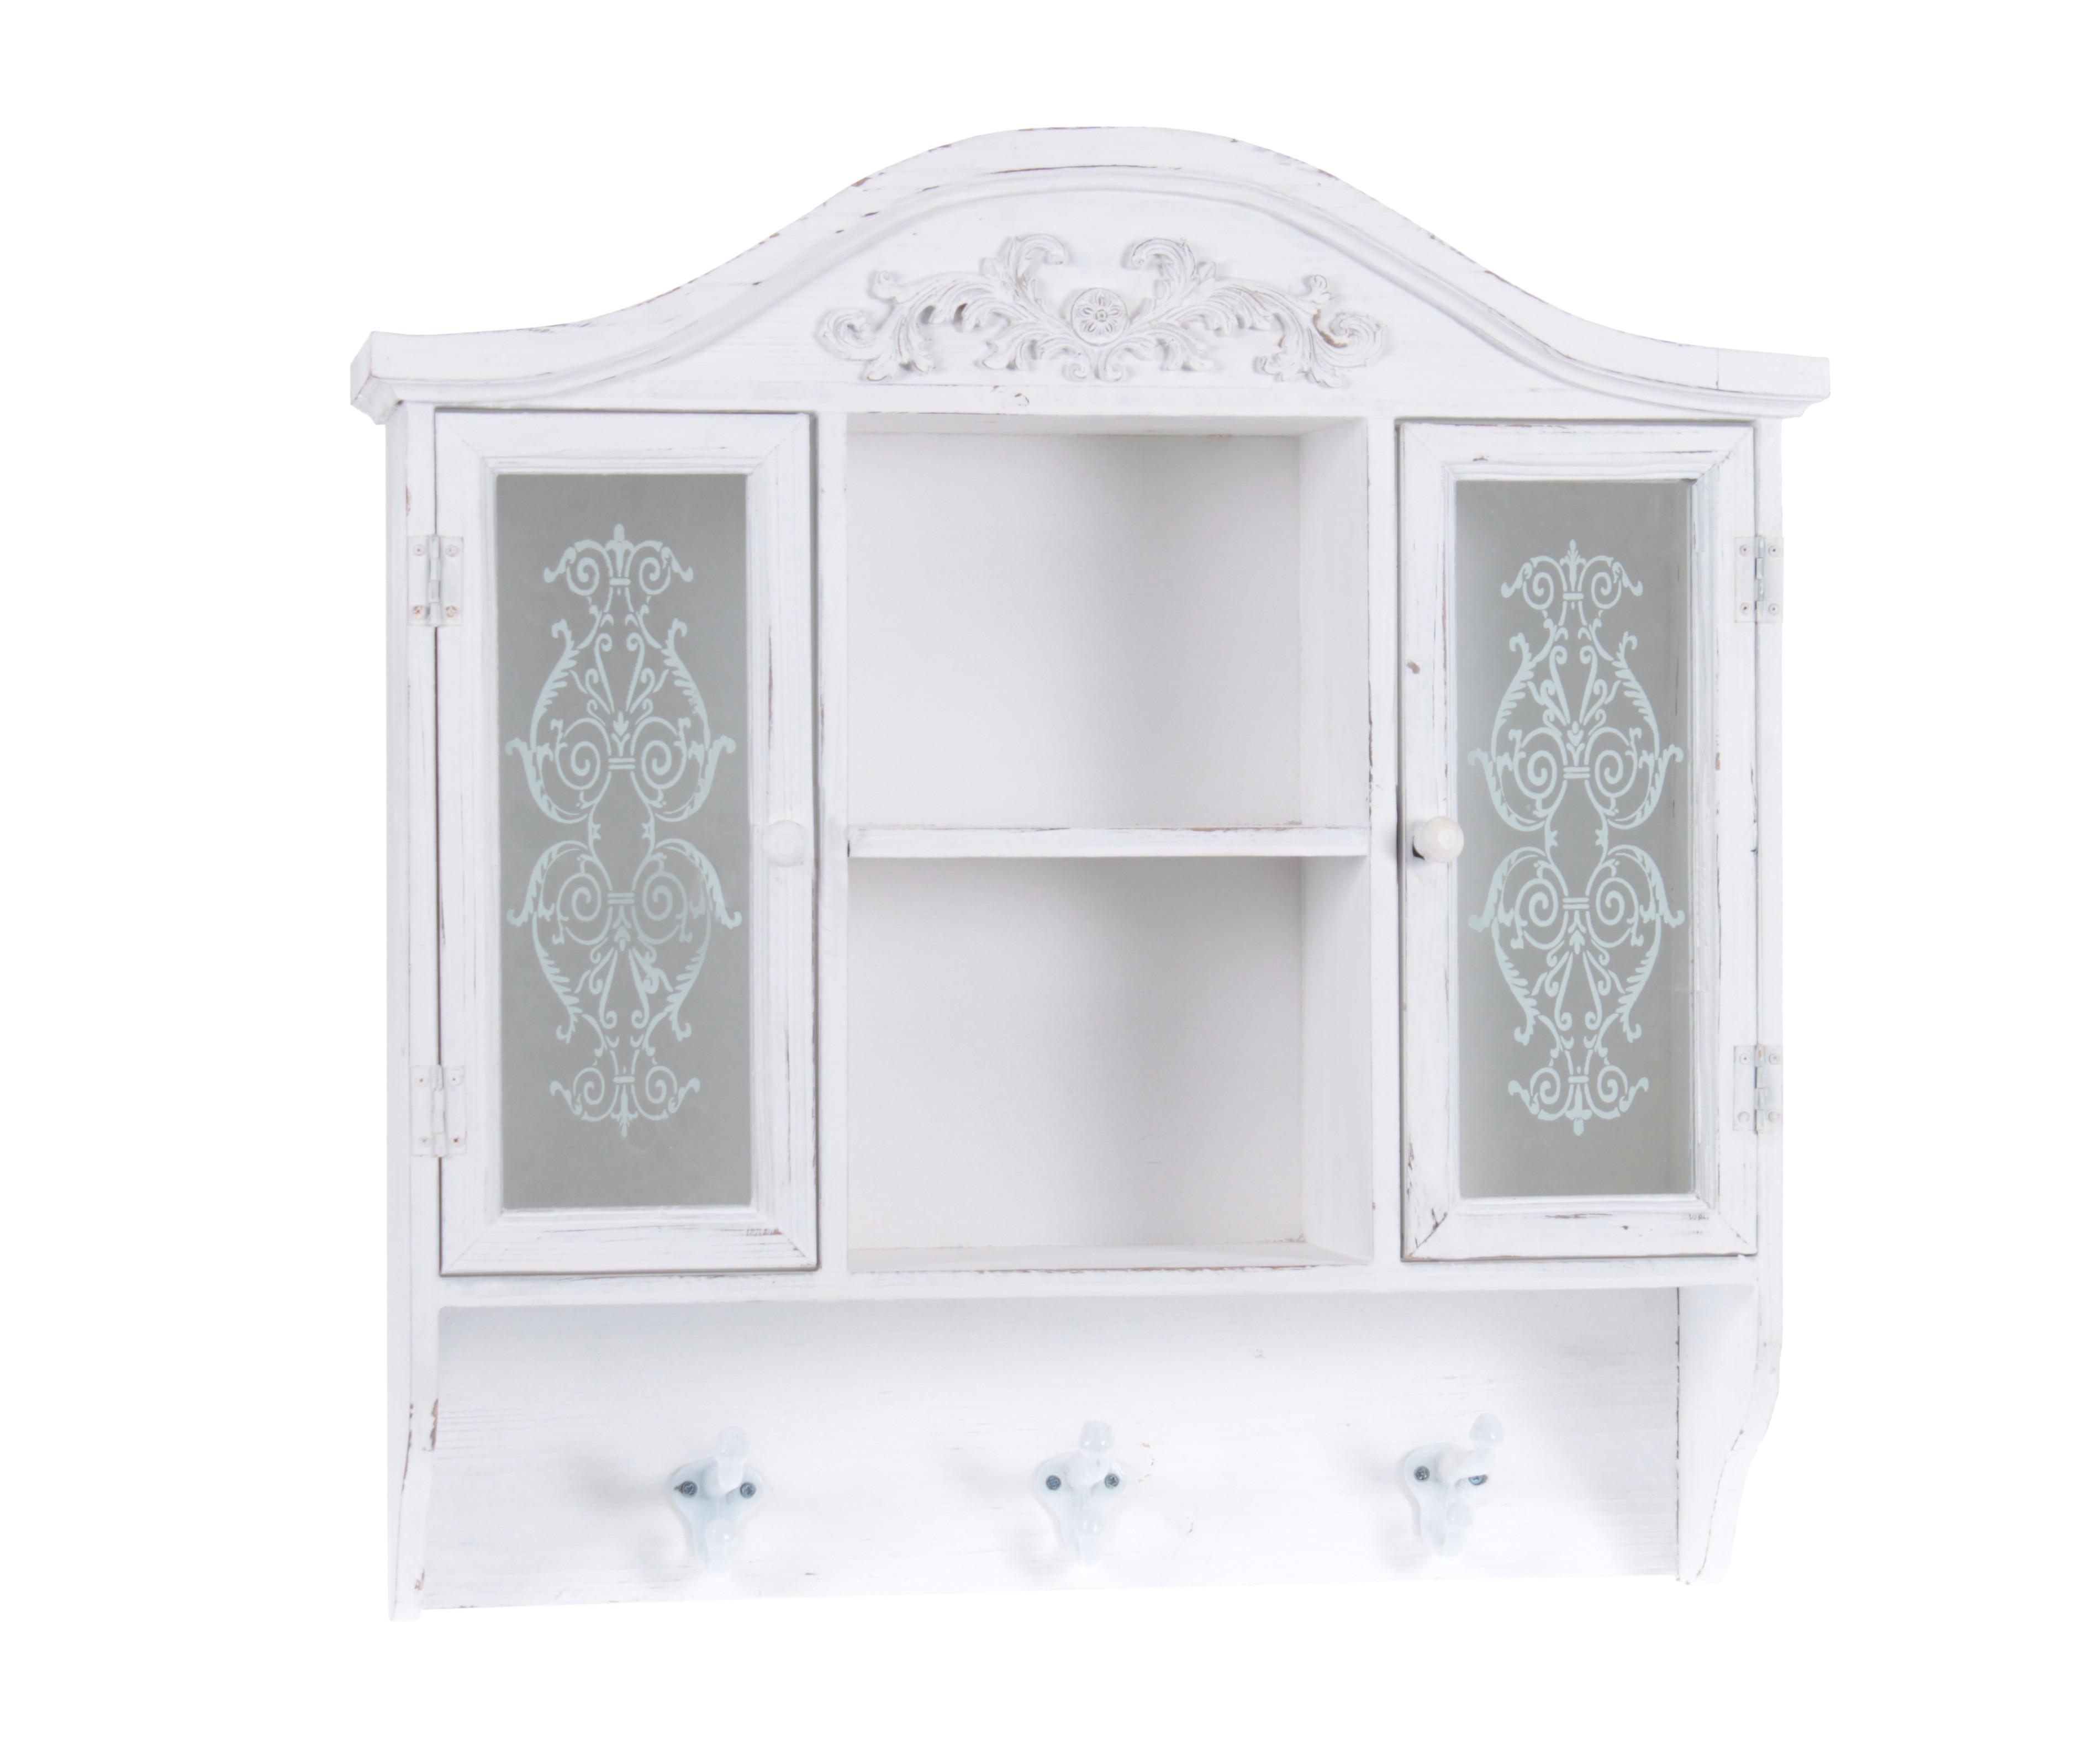 Шкаф настенный FranciskШкафчики для ванной<br><br><br>Material: Дерево<br>Width см: 58<br>Depth см: 15<br>Height см: 60